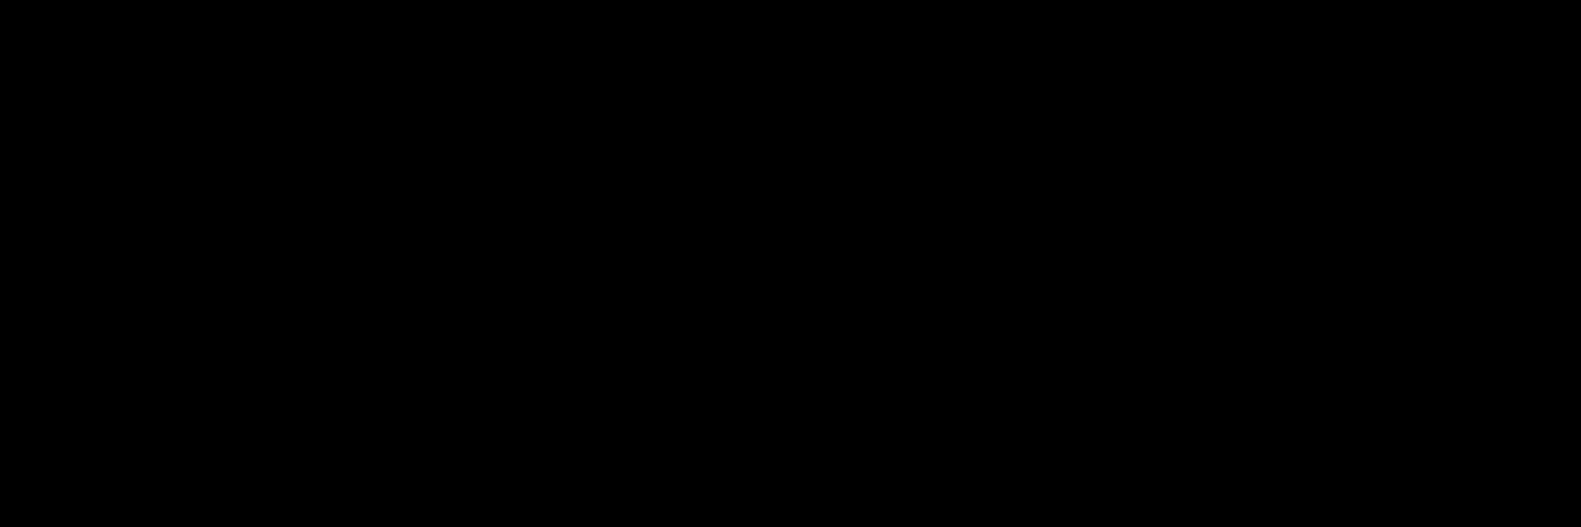 Plain black banner